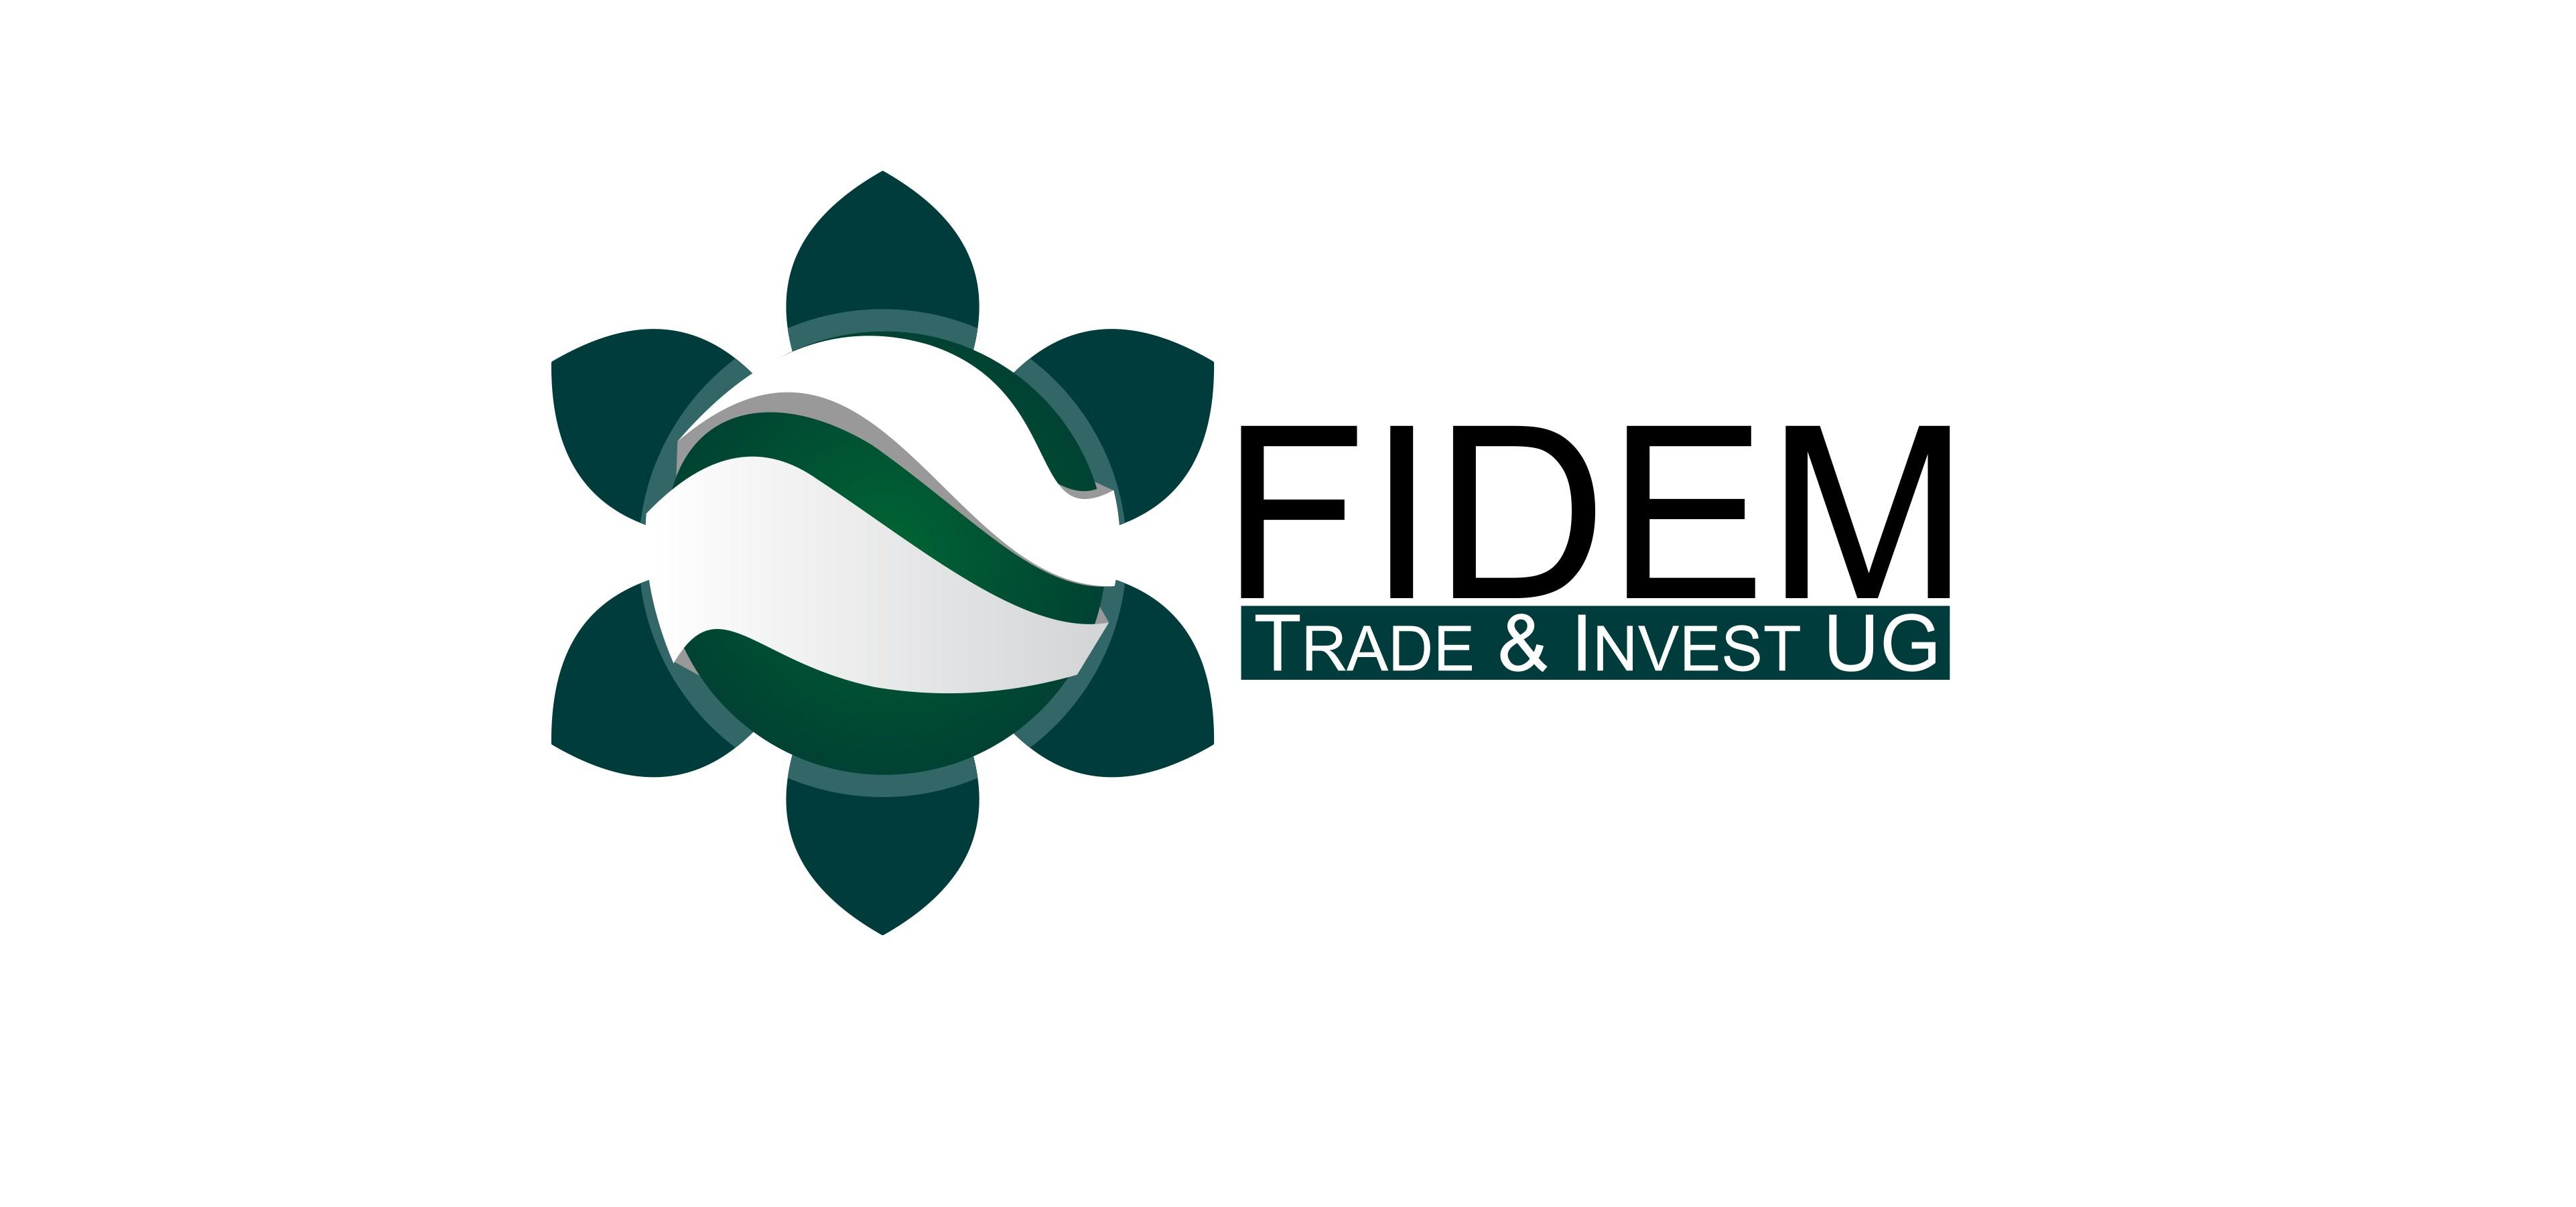 Logo Design by Crispin Jr Vasquez - Entry No. 525 in the Logo Design Contest Professional Logo Design for FIDEM Trade & Invest UG.